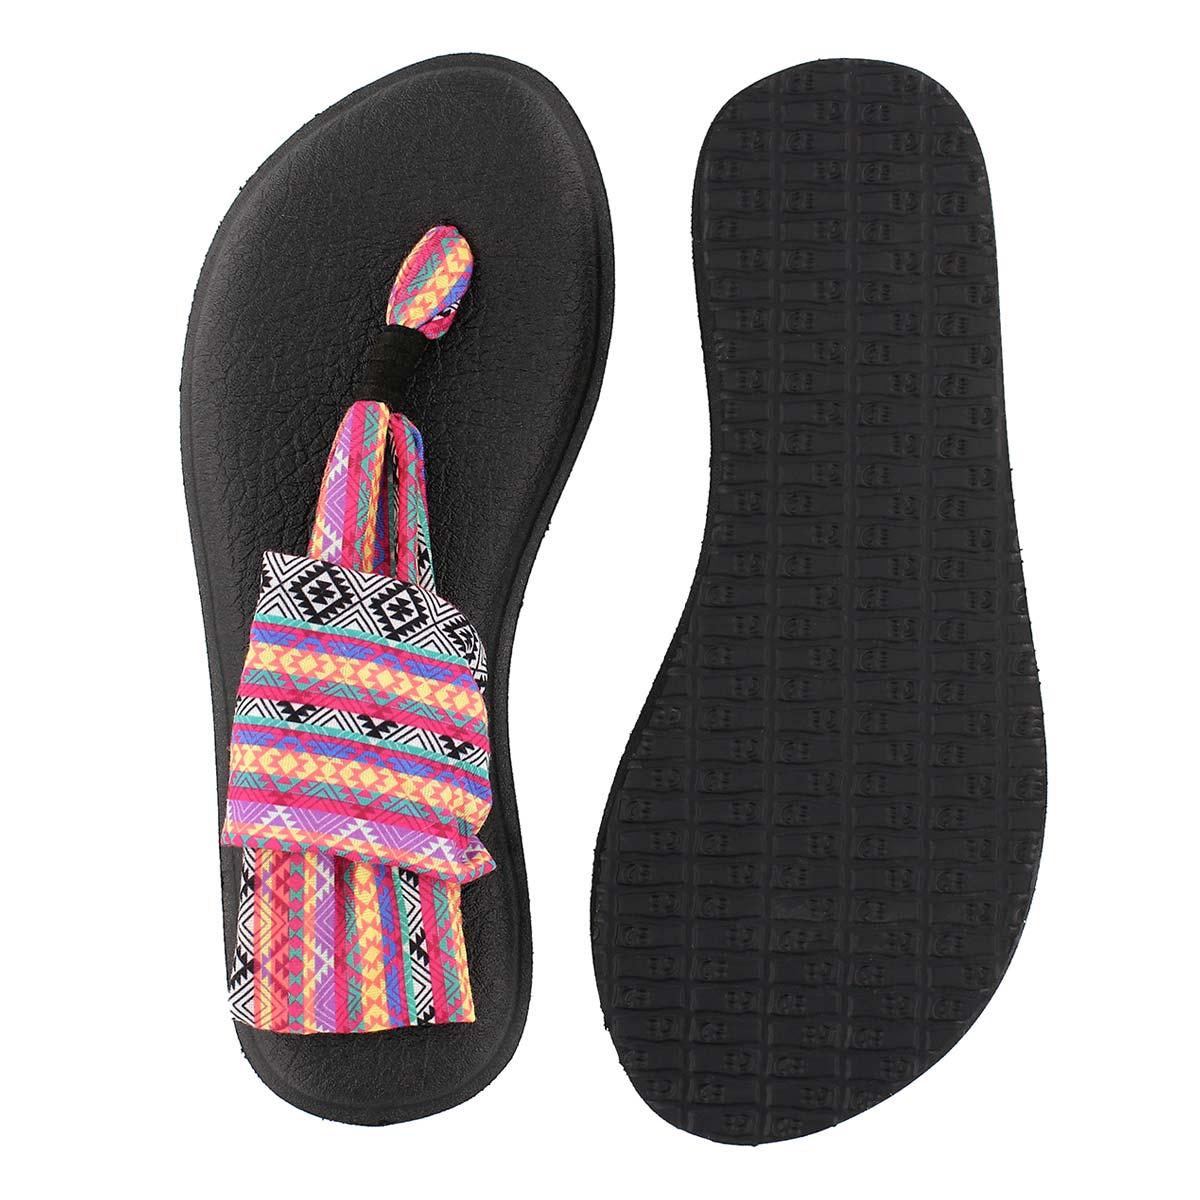 Sandale tong YOGA SLING, magenta/mul, fe